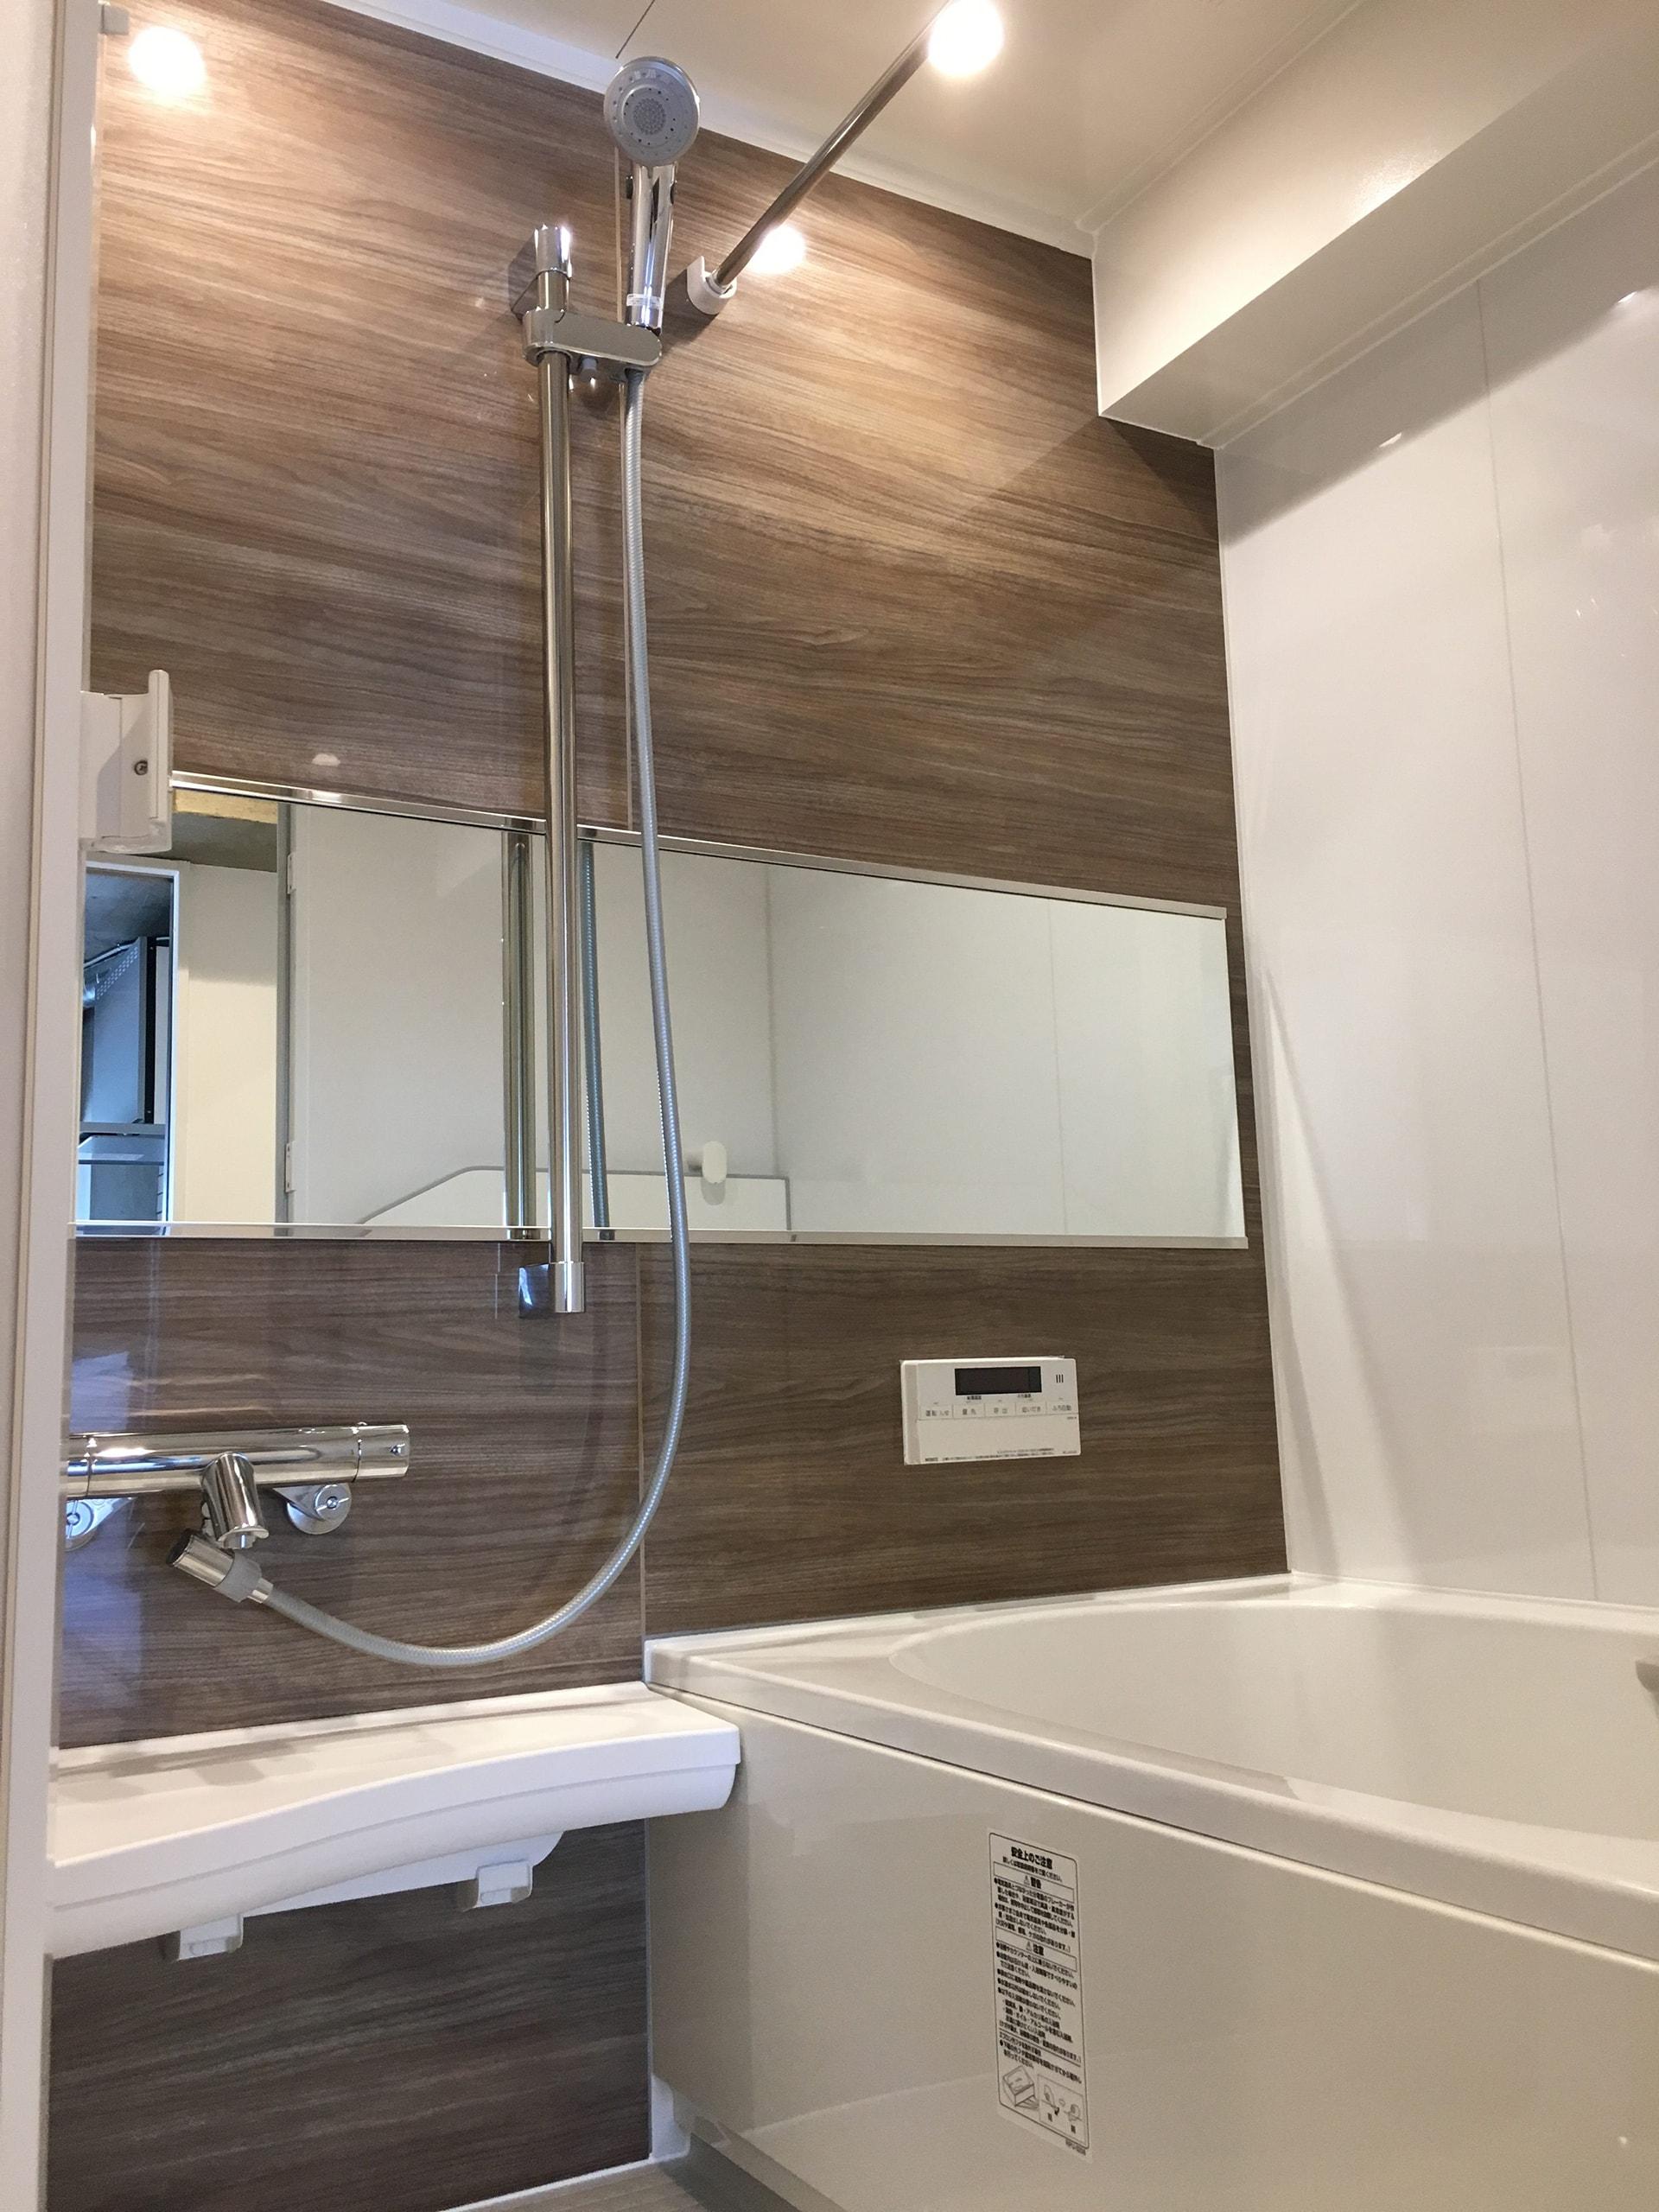 ビック武蔵野小手指 / 浴室